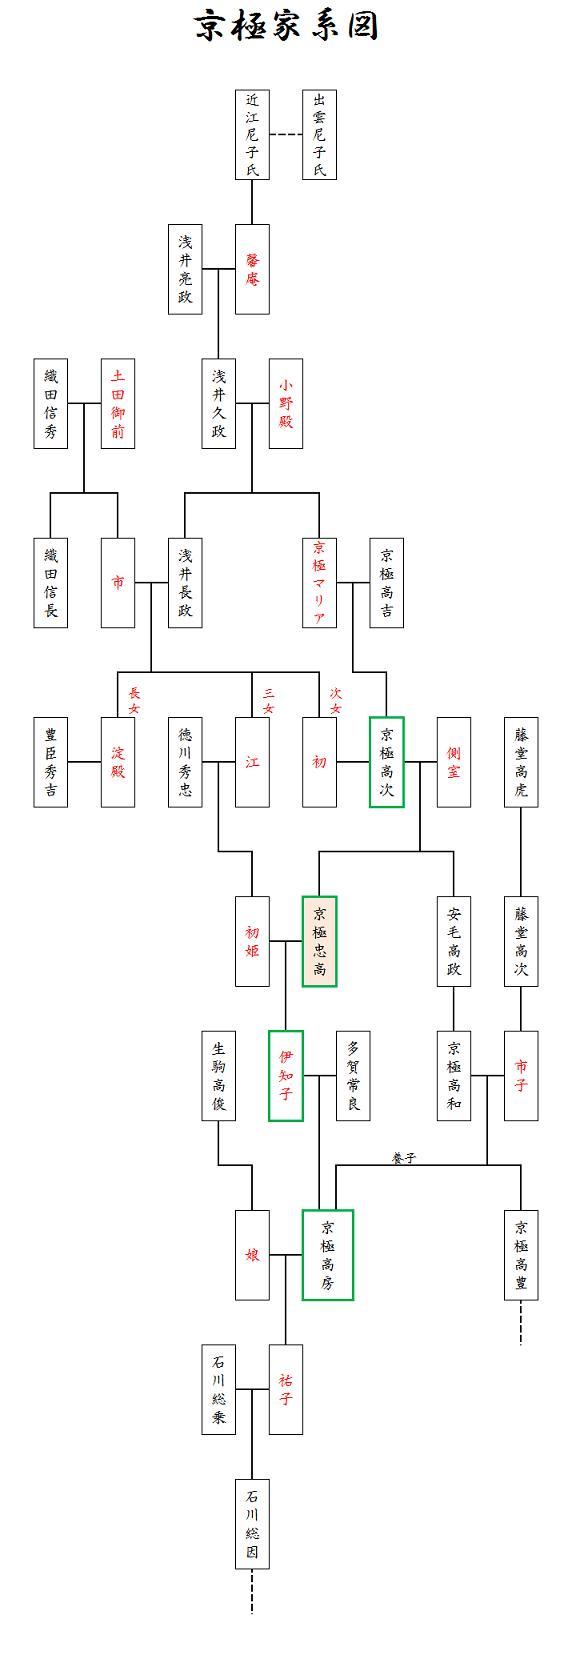 京極家系図